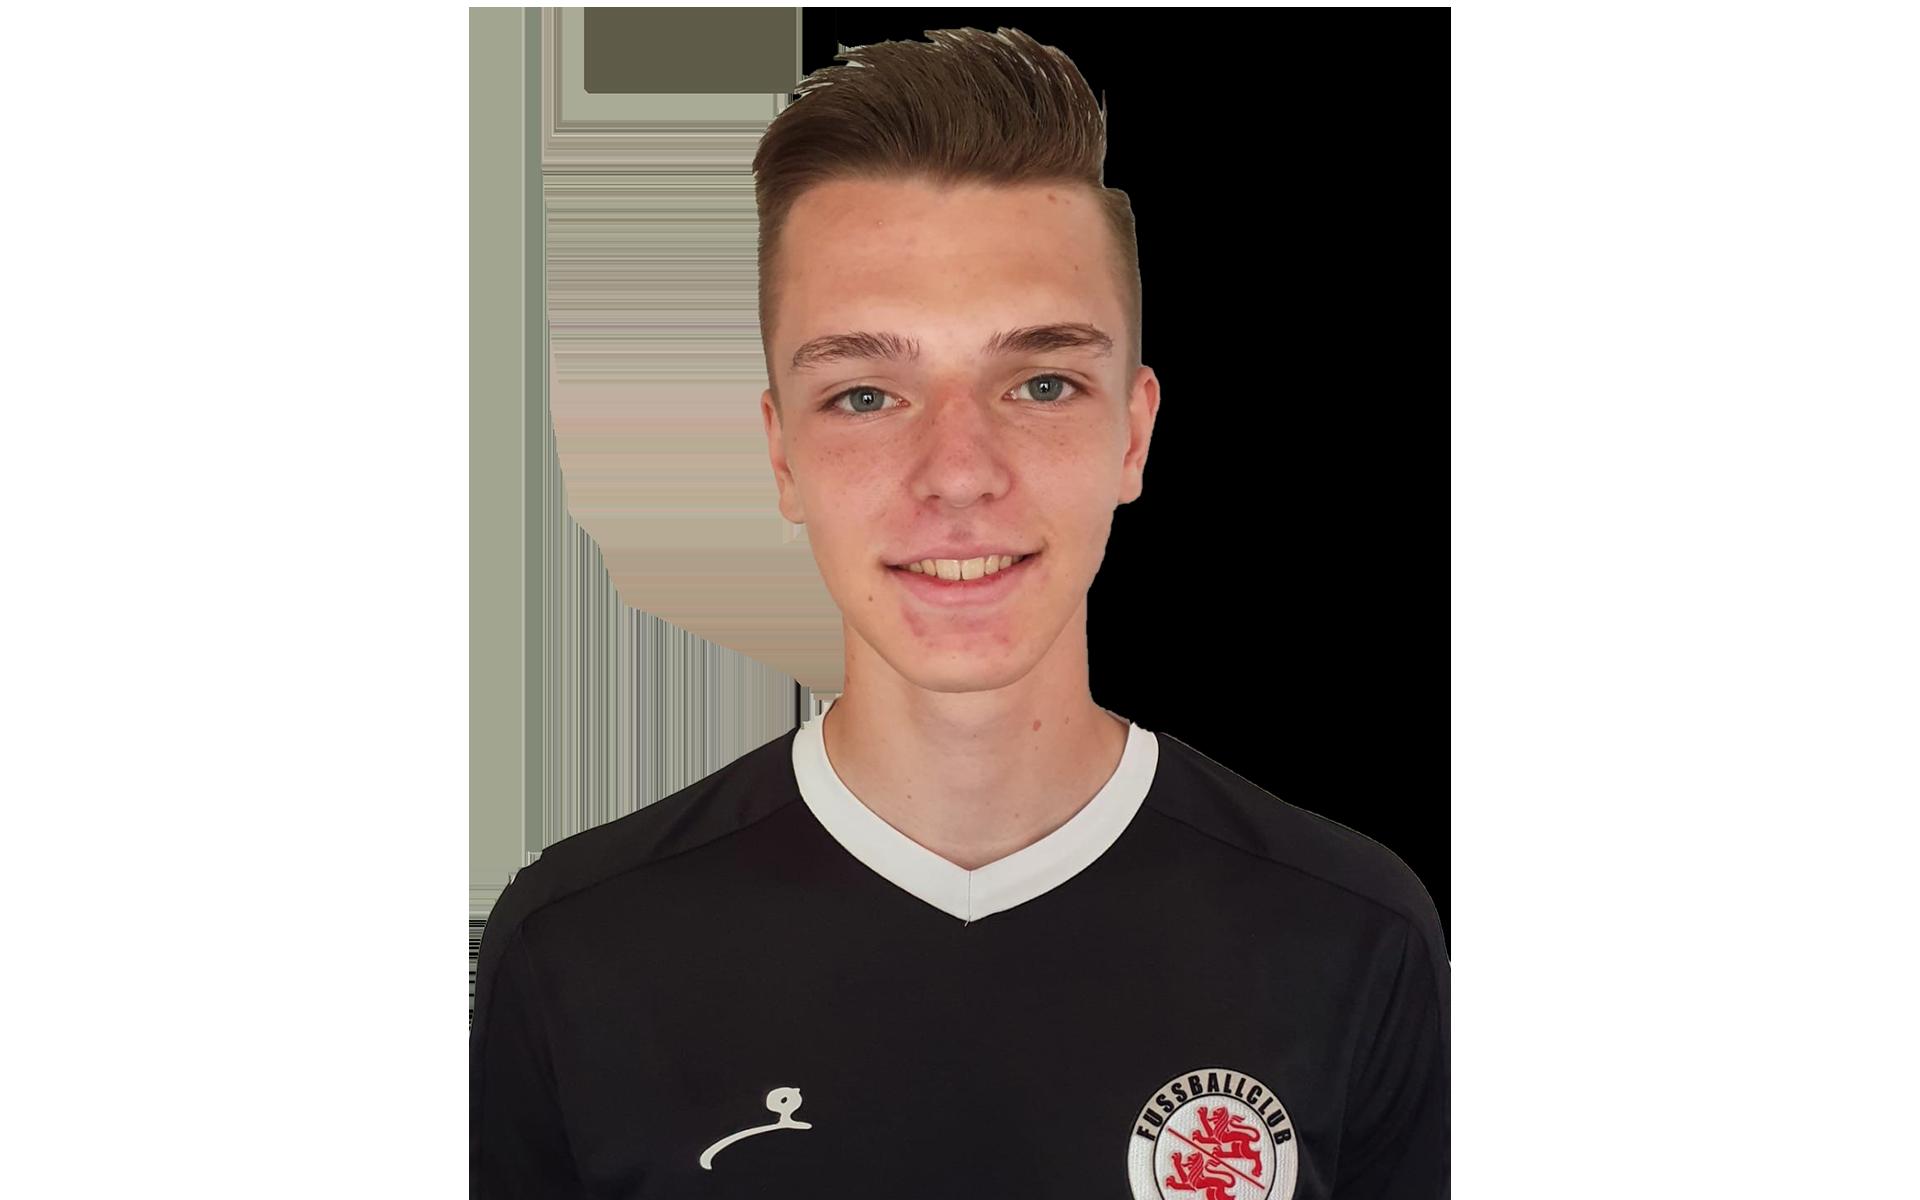 David Kercek FC Winterthur Footuro Fussballspieler